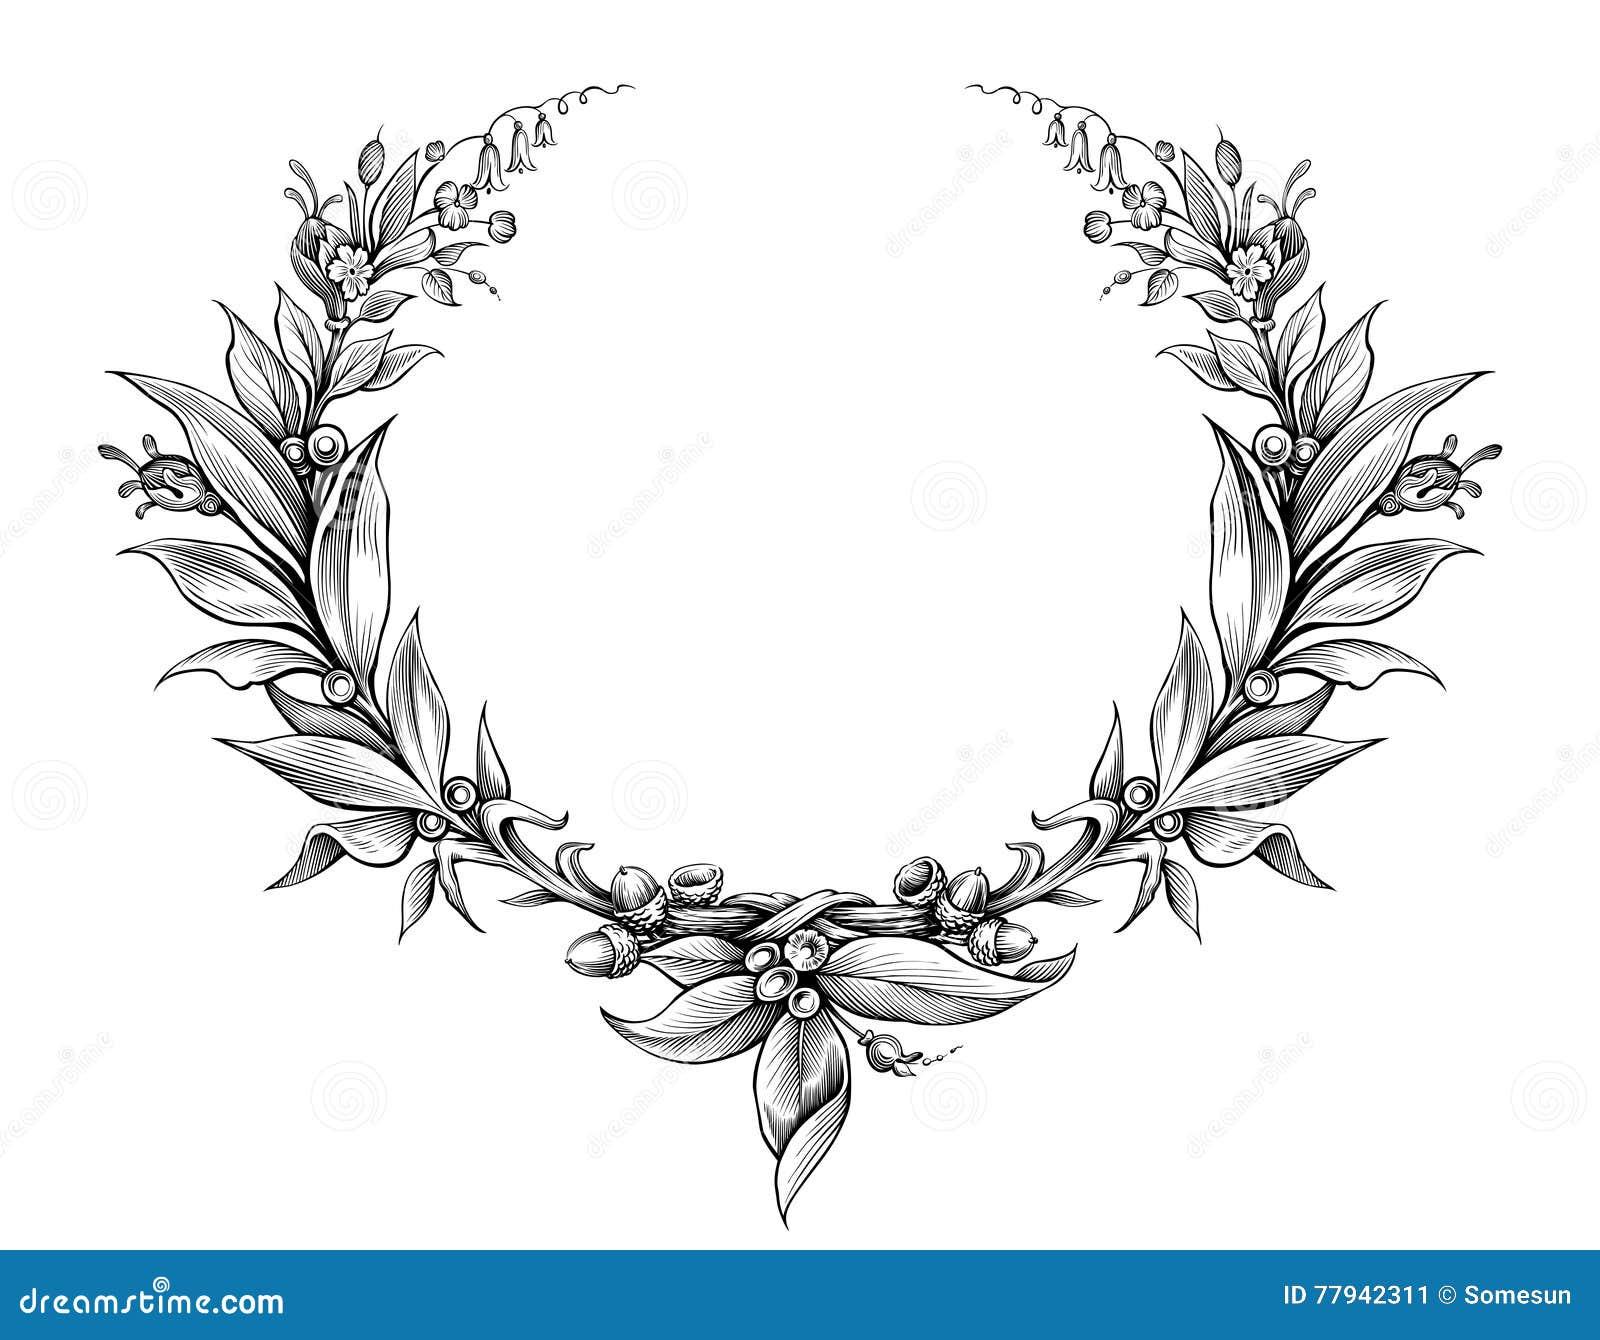 Vecteur Noir Et Blanc De Tatouage De Fleur Gravé Par Feuille